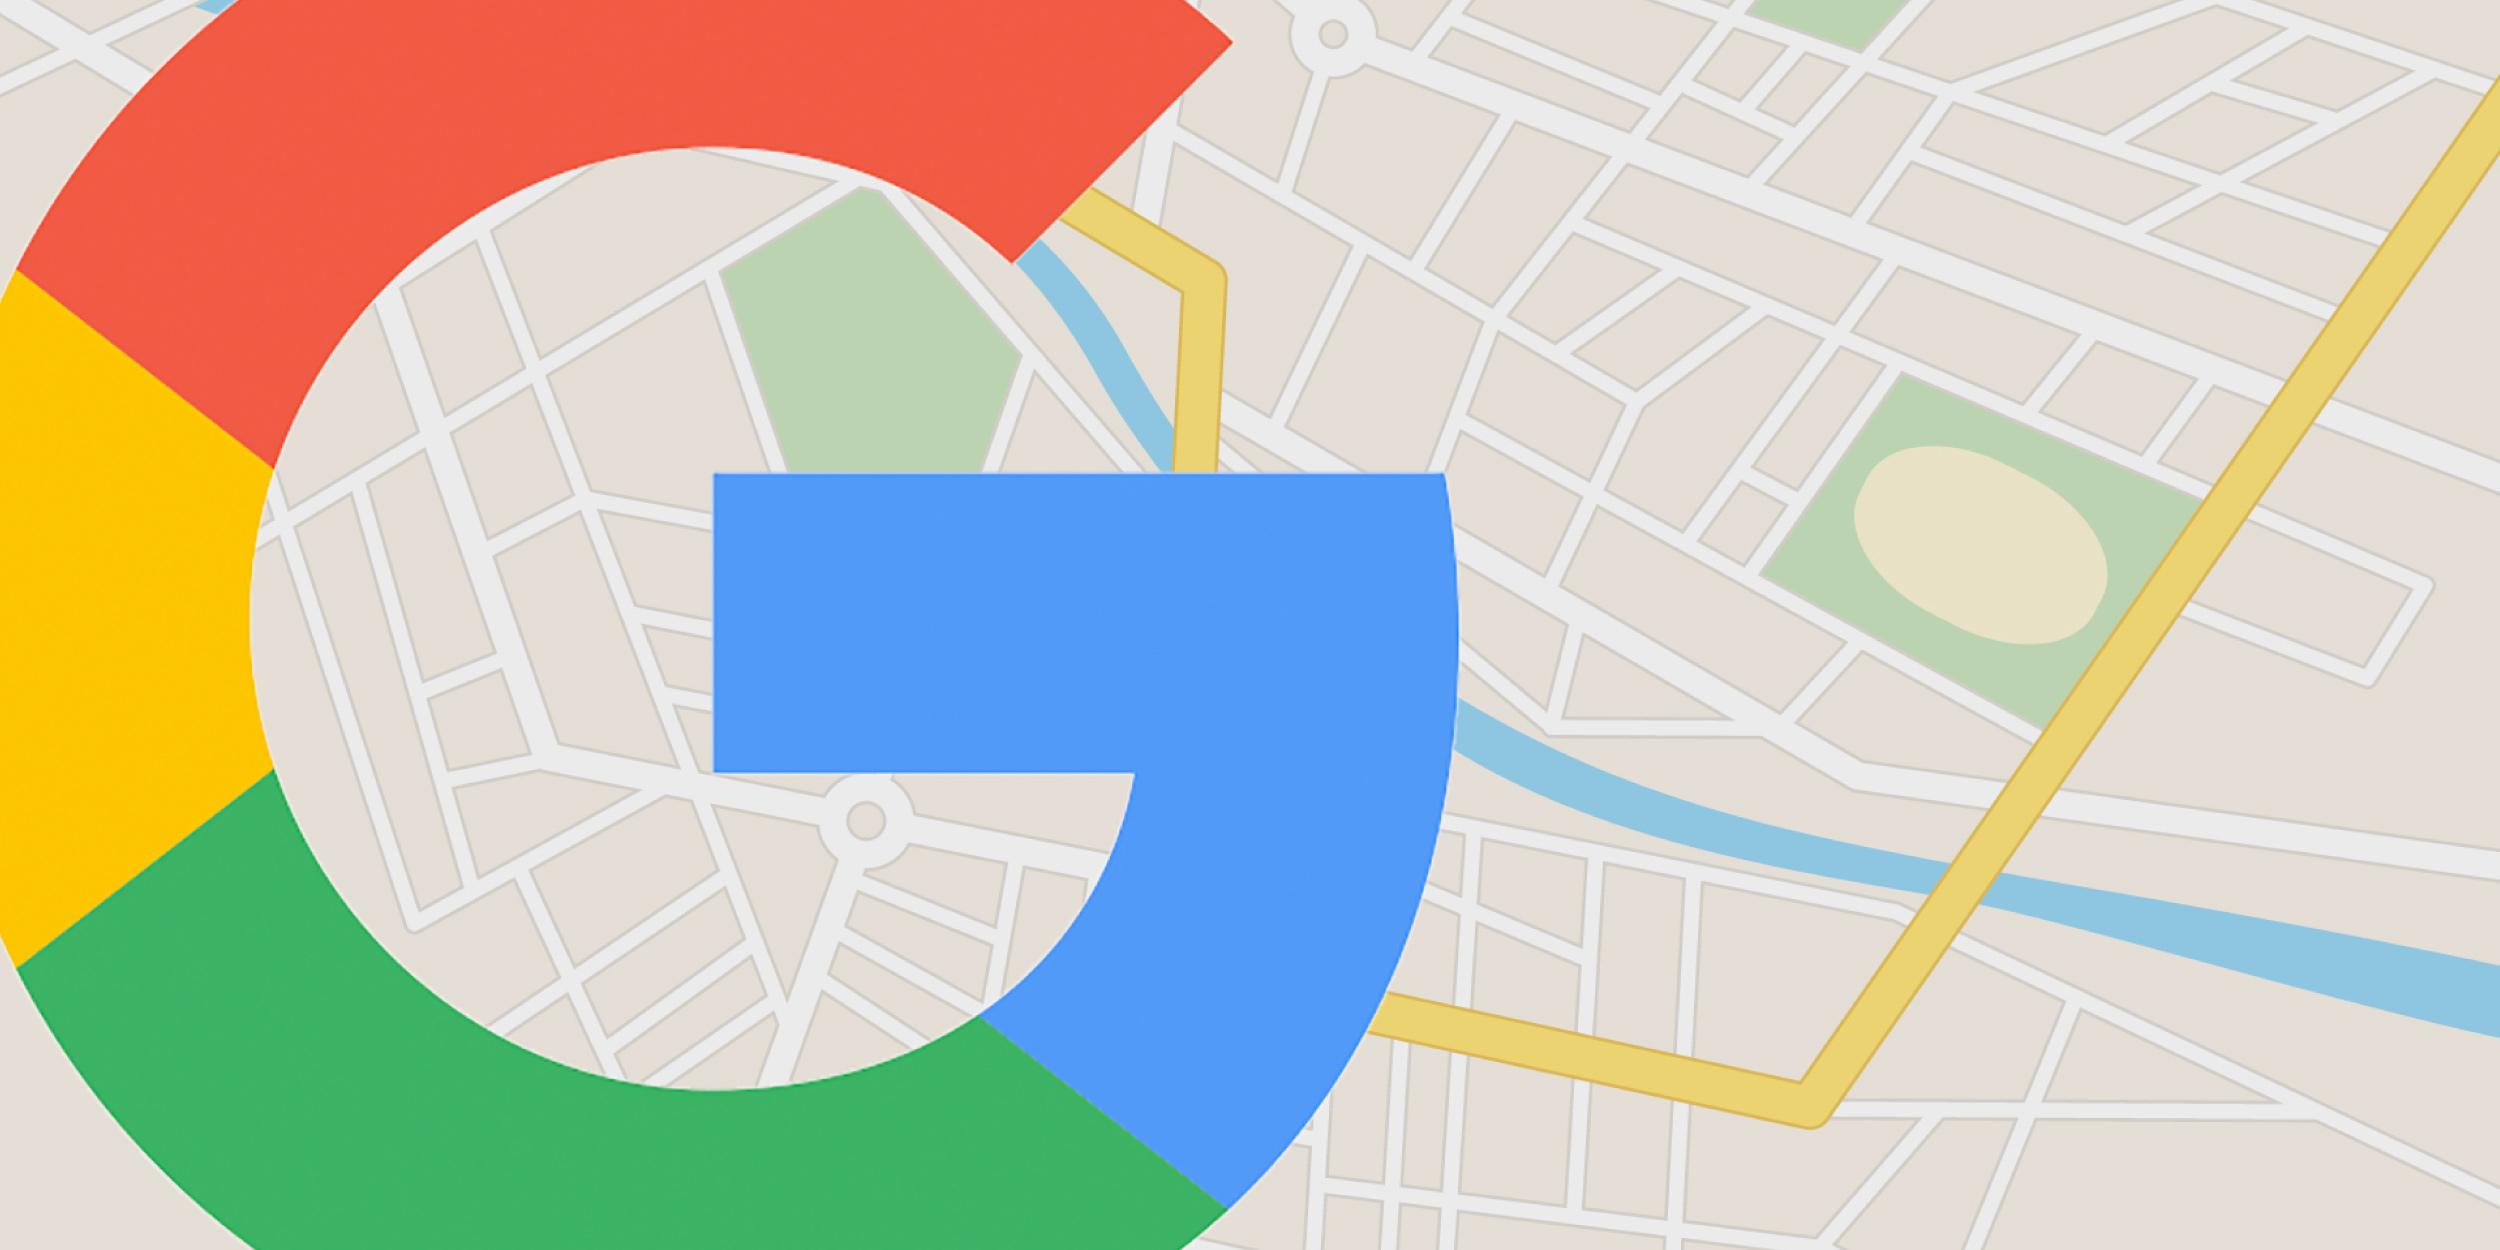 Google Maps для Android теперь умеет прокладывать маршрут через несколько точек